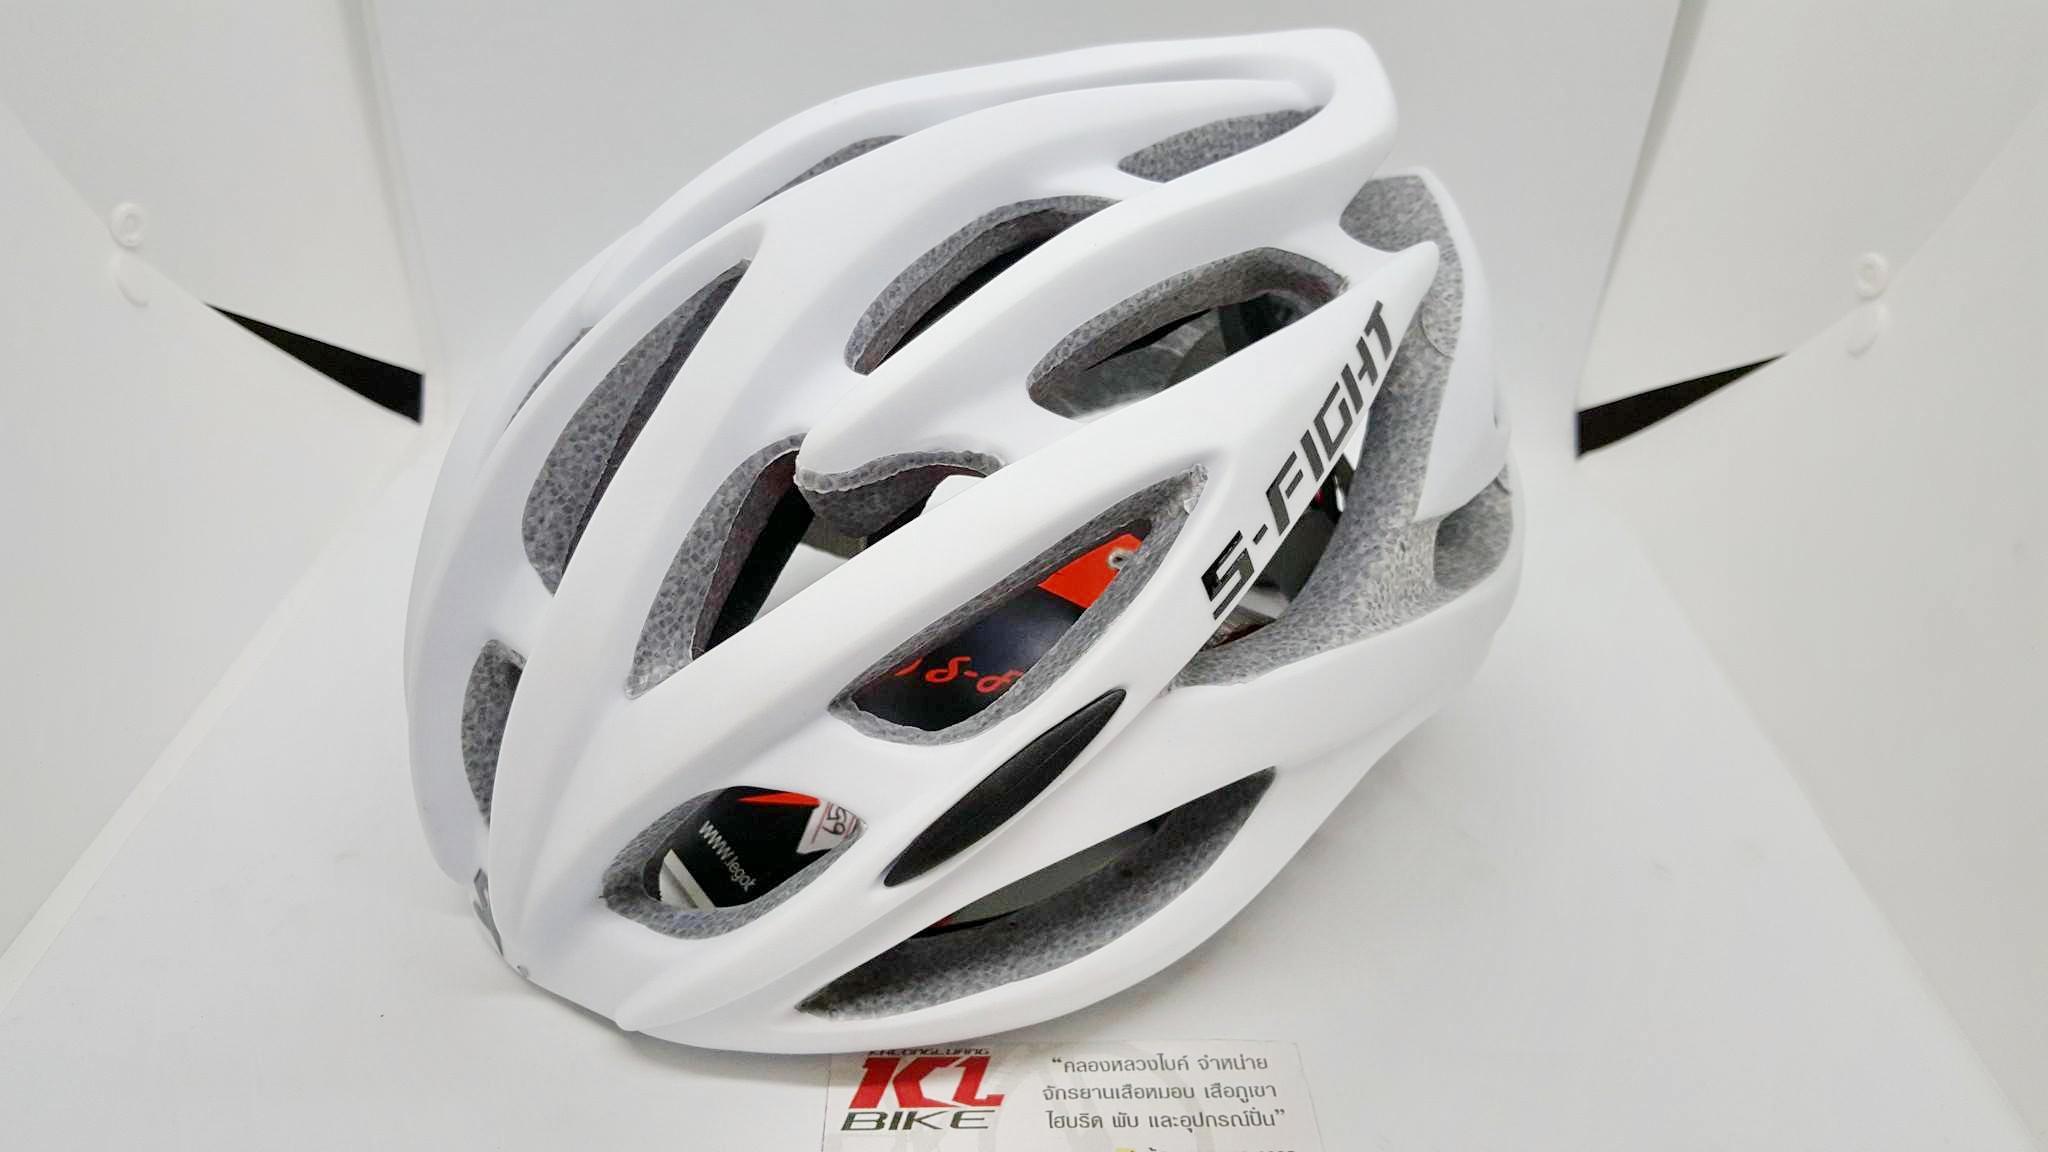 หมวกปั่นจักรยาน S-Fight รุ่น H17 สีขาวล้วน